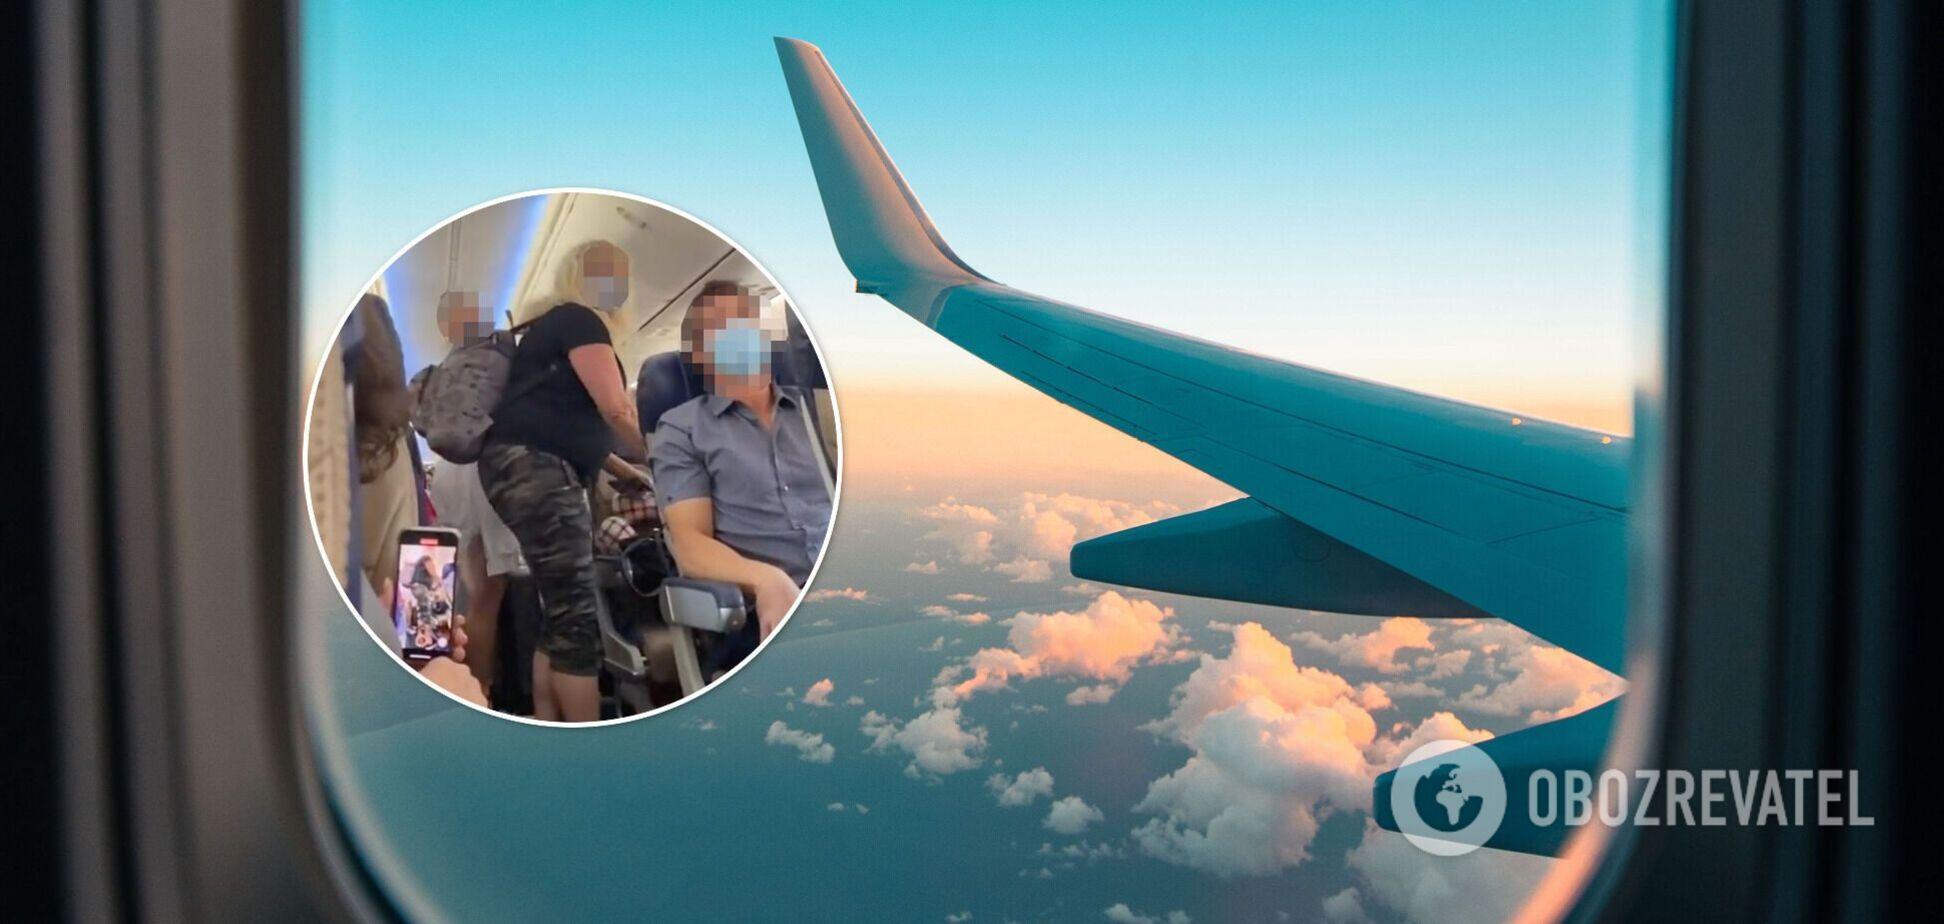 Матір з дочкою зі скандалом вигнали з літака: вони вимагали, щоб їм поступилися місцем. Відео